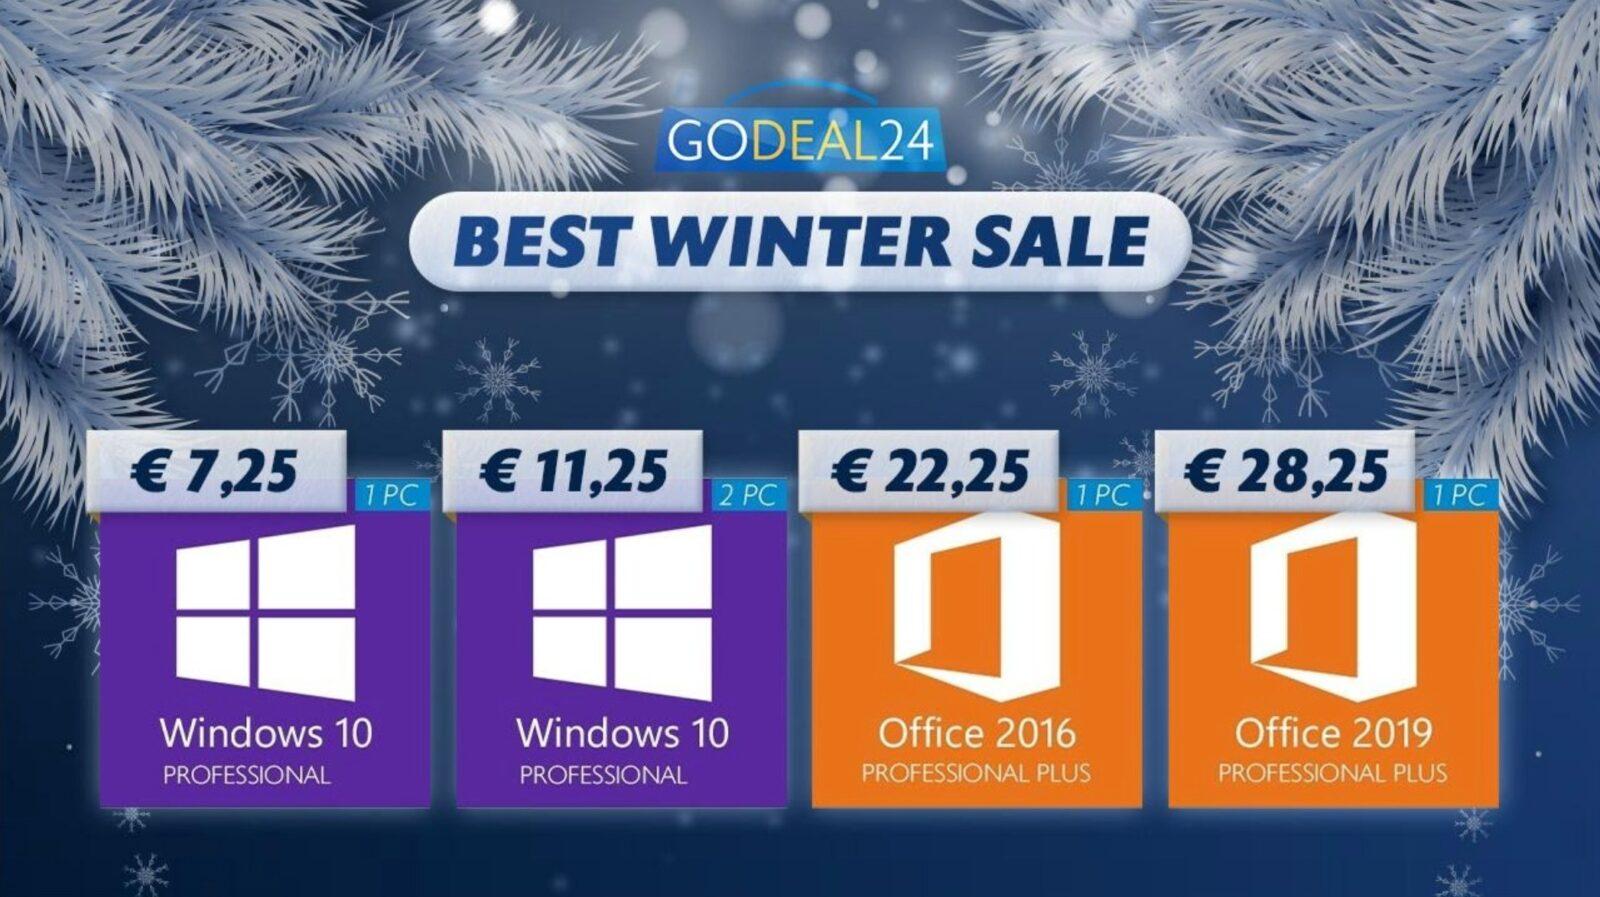 Windows 10 a soli 5€, gratis con Microsoft Office: gli sconti Godeal24